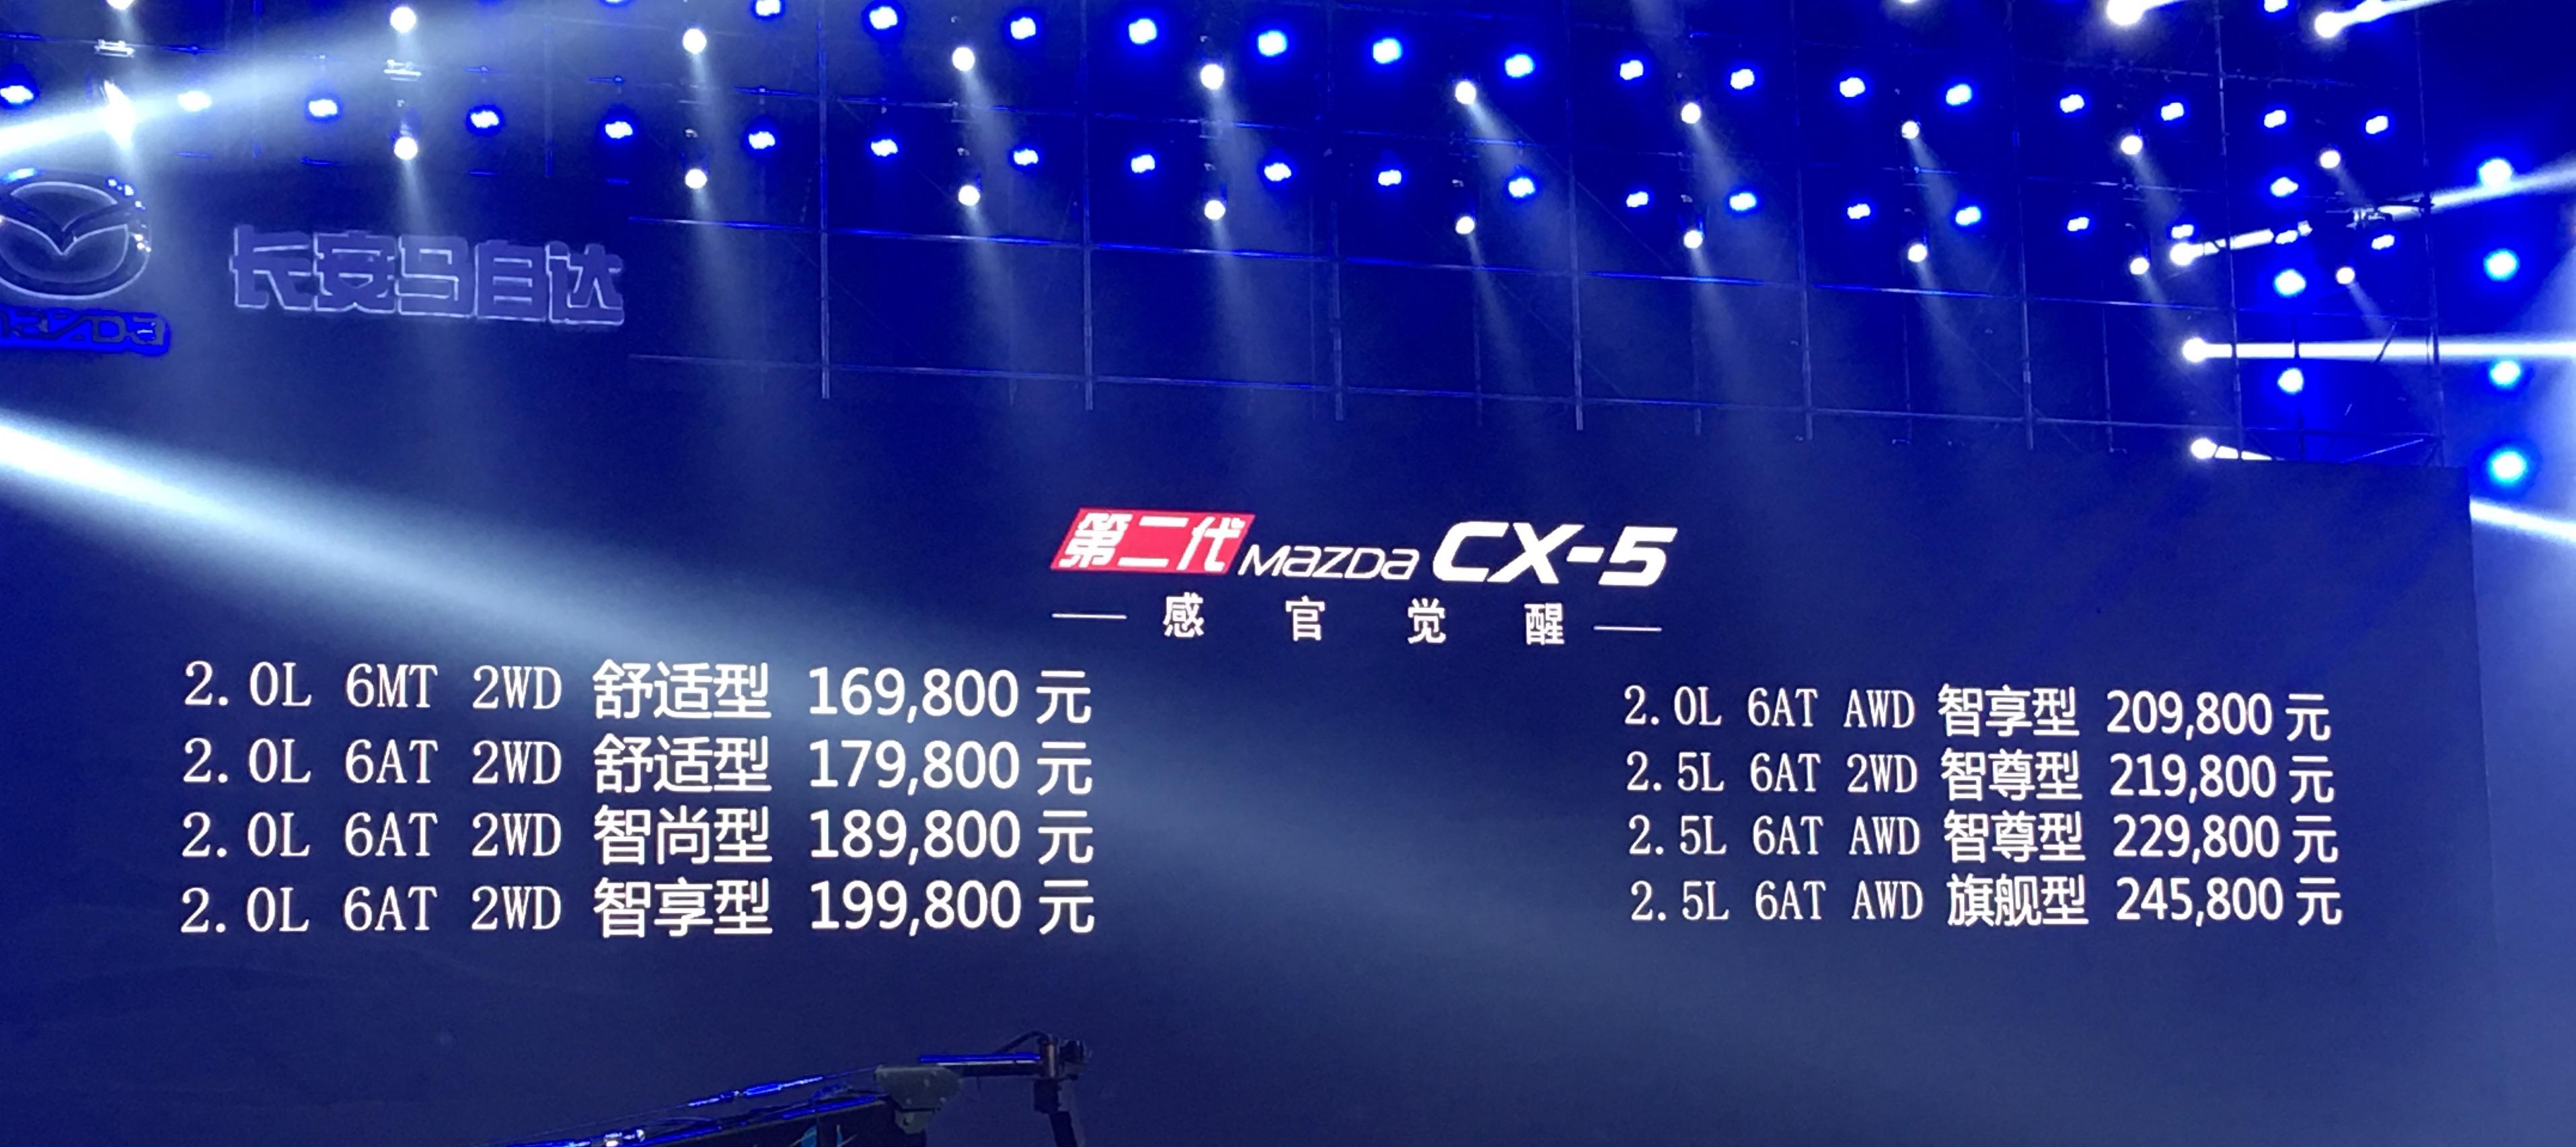 品质全面提升 第二代马自达CX-5售16.98万起